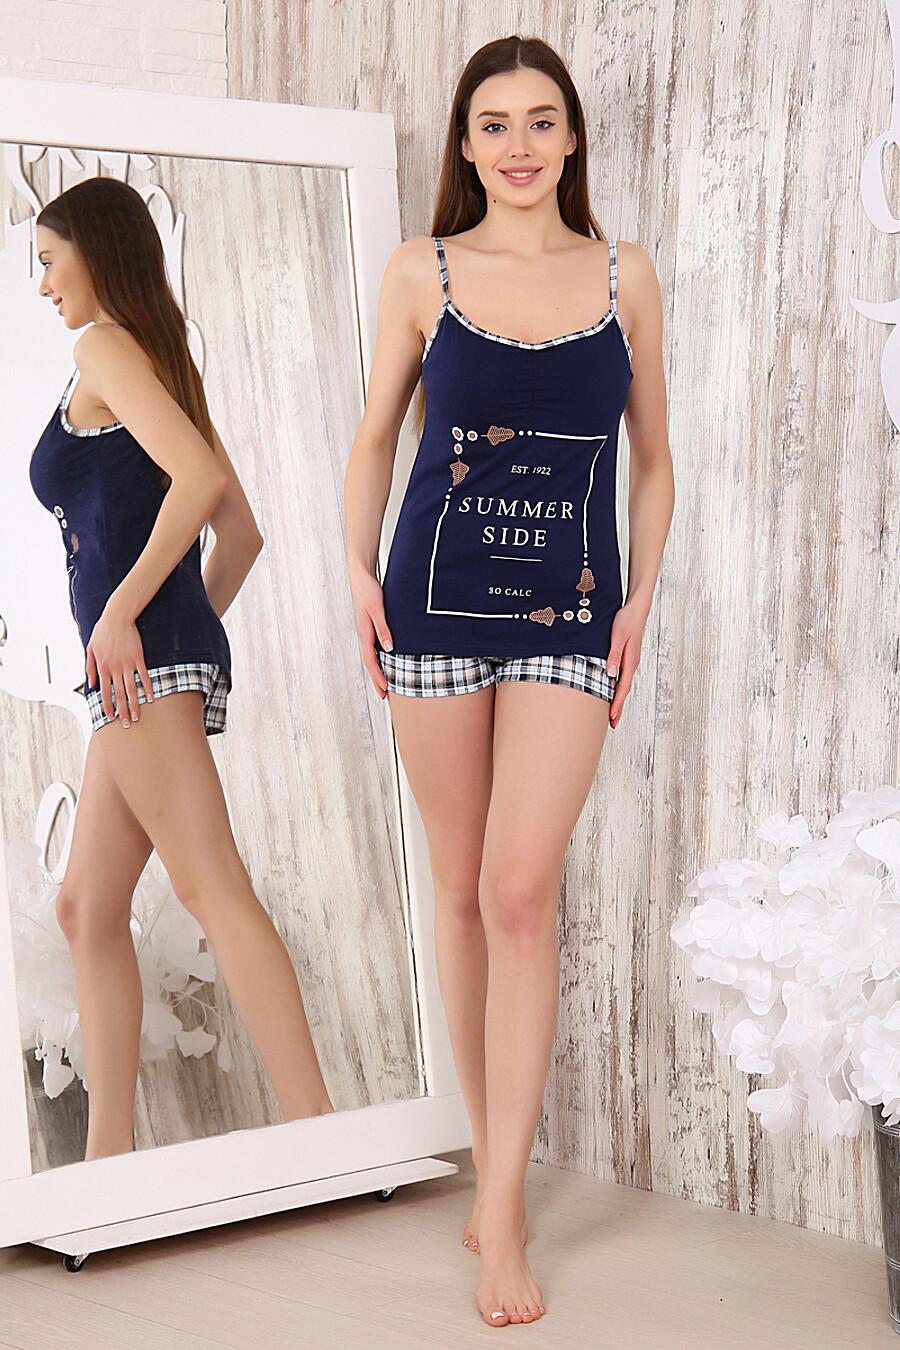 Костюм 6179 для женщин НАТАЛИ 289259 купить оптом от производителя. Совместная покупка женской одежды в OptMoyo